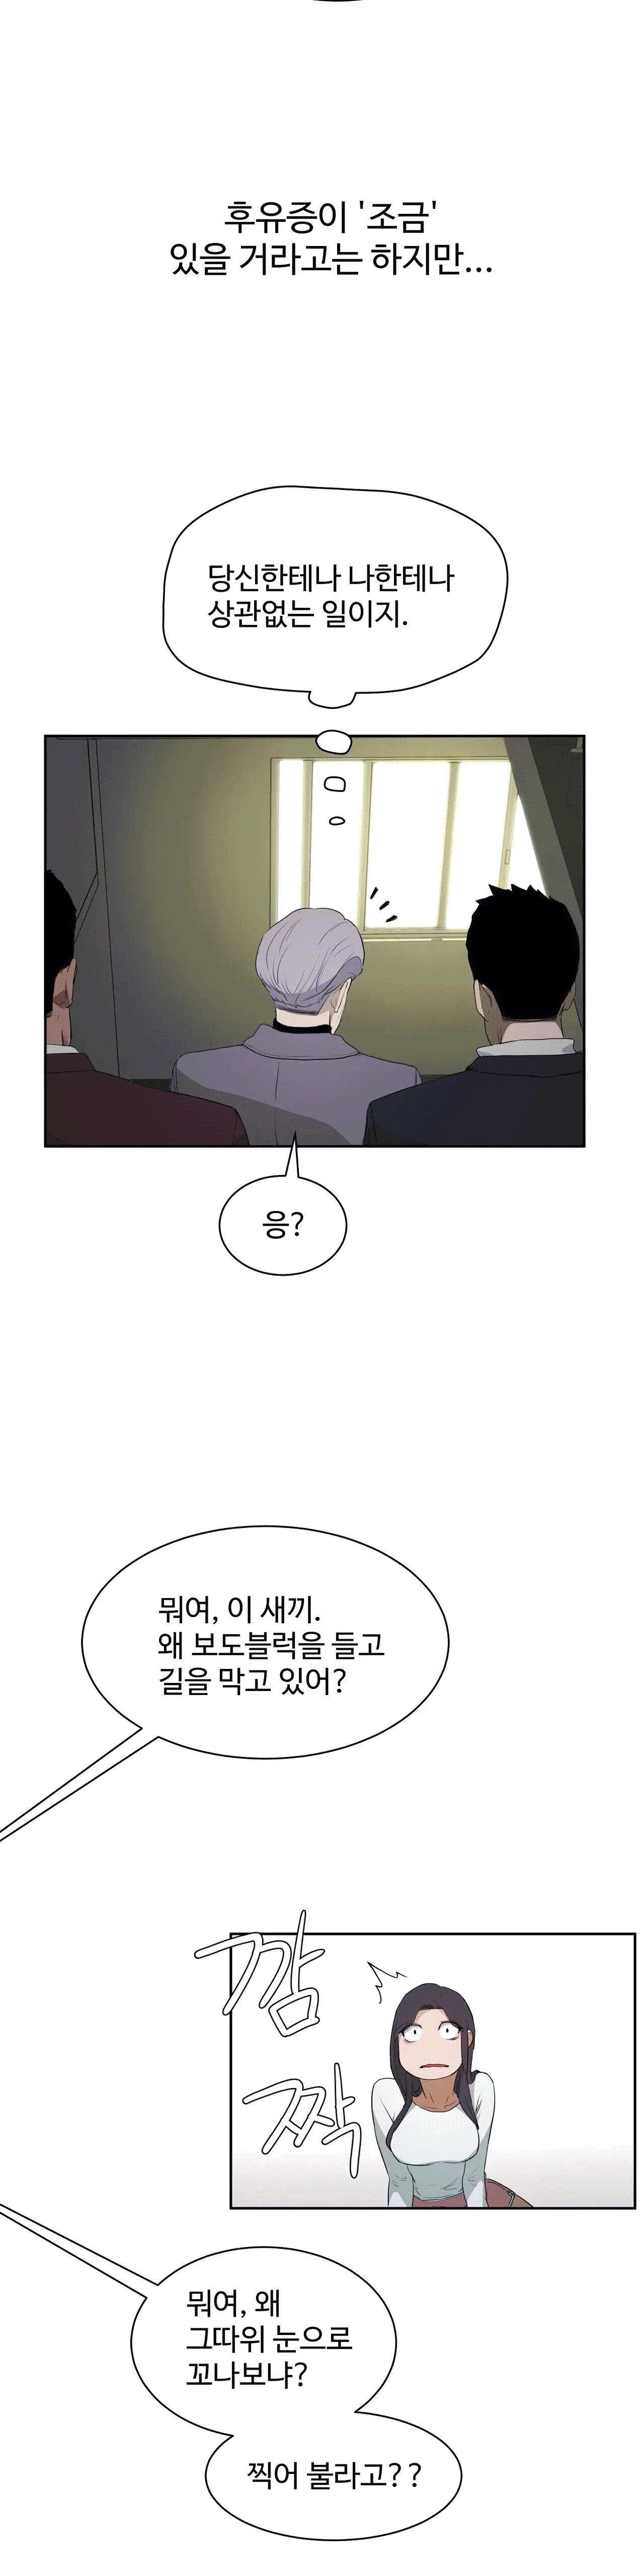 性教育 1-48.5 中文翻译(完結) 404